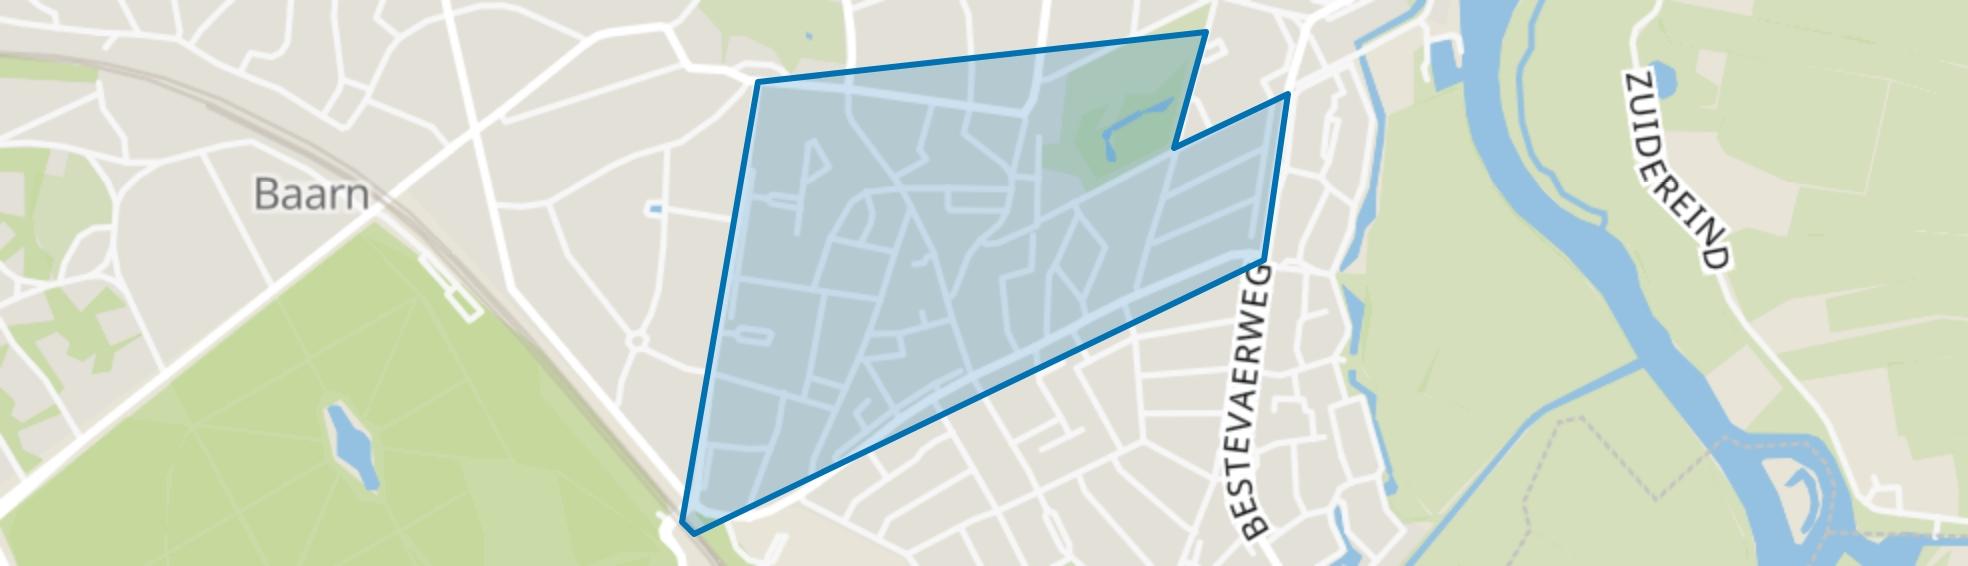 Oude-Oosterhei, Baarn map